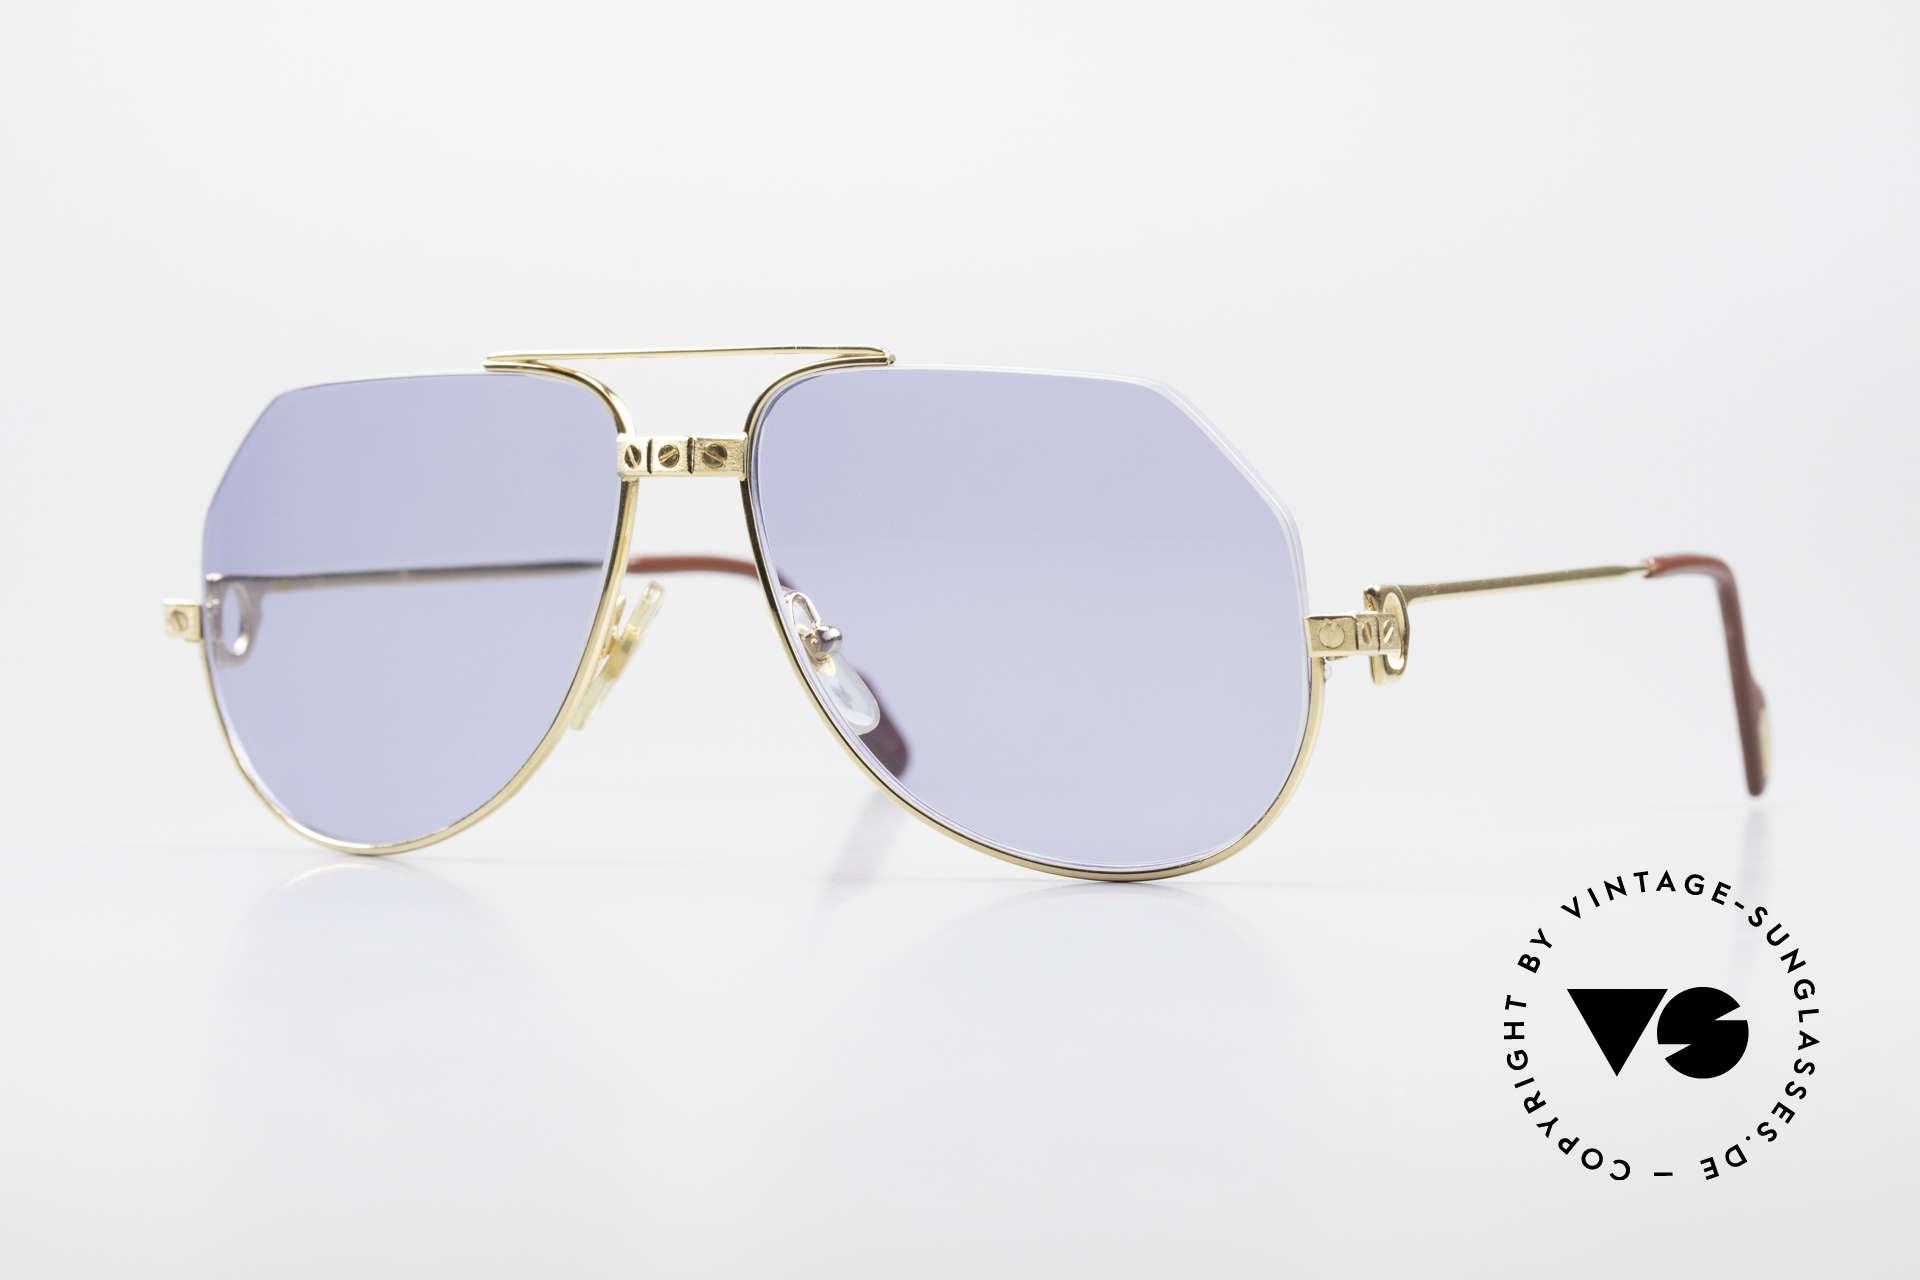 Cartier Vendome Santos - S Einzelstück Nylor Und Gold, einzigartige CARTIER Vendome Sonnenbrille in Gr. 56°14, Passend für Herren